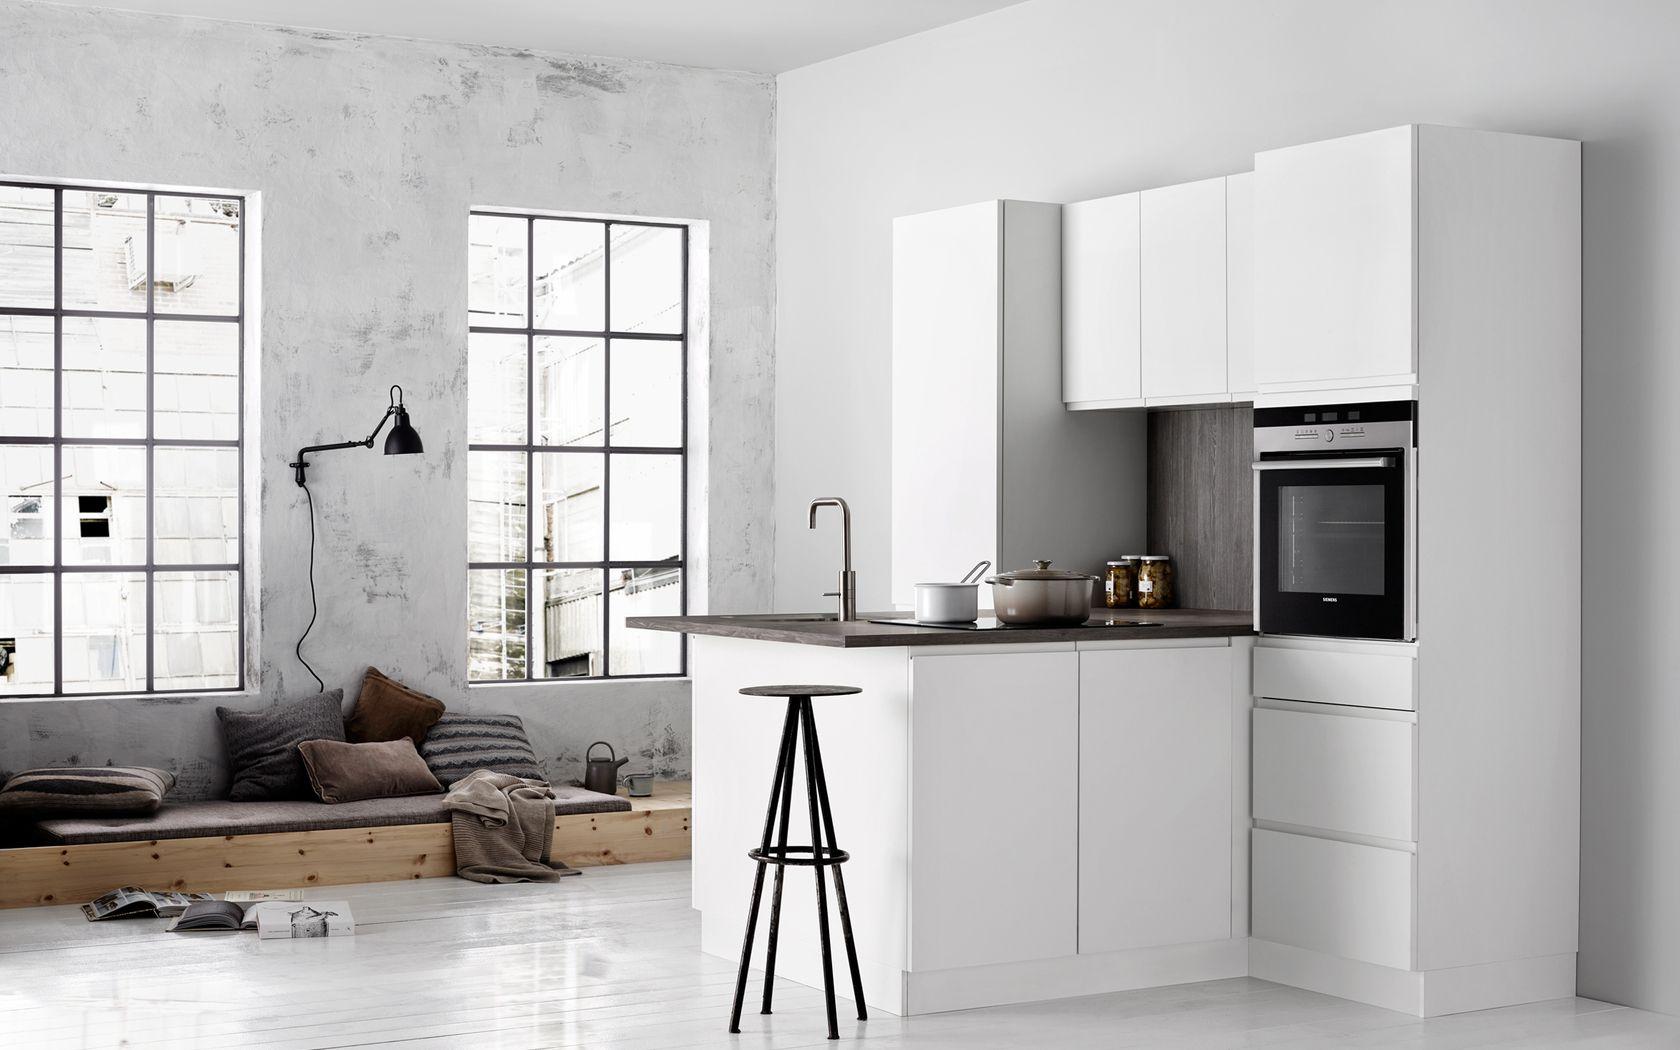 Mooie kleine keuken van kvik. keuken linea white uw keuken.nl